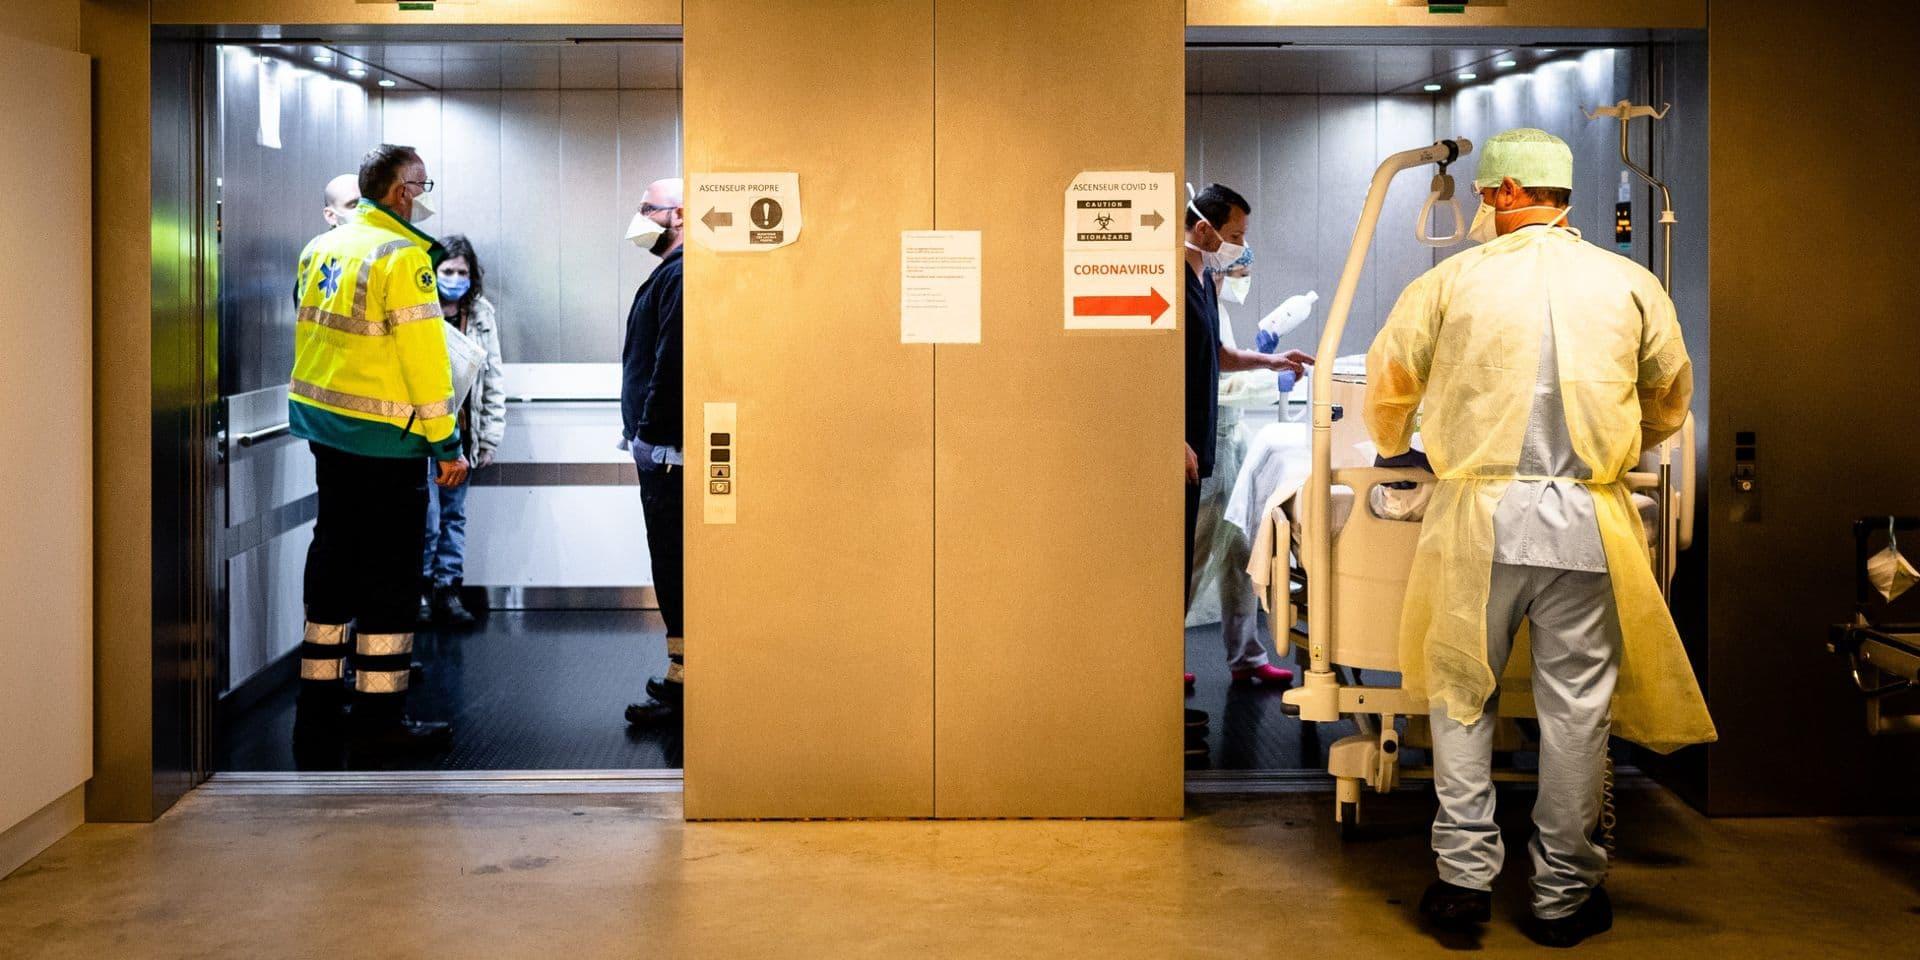 Coronavirus : Pression accrue dans les hôpitaux bruxellois